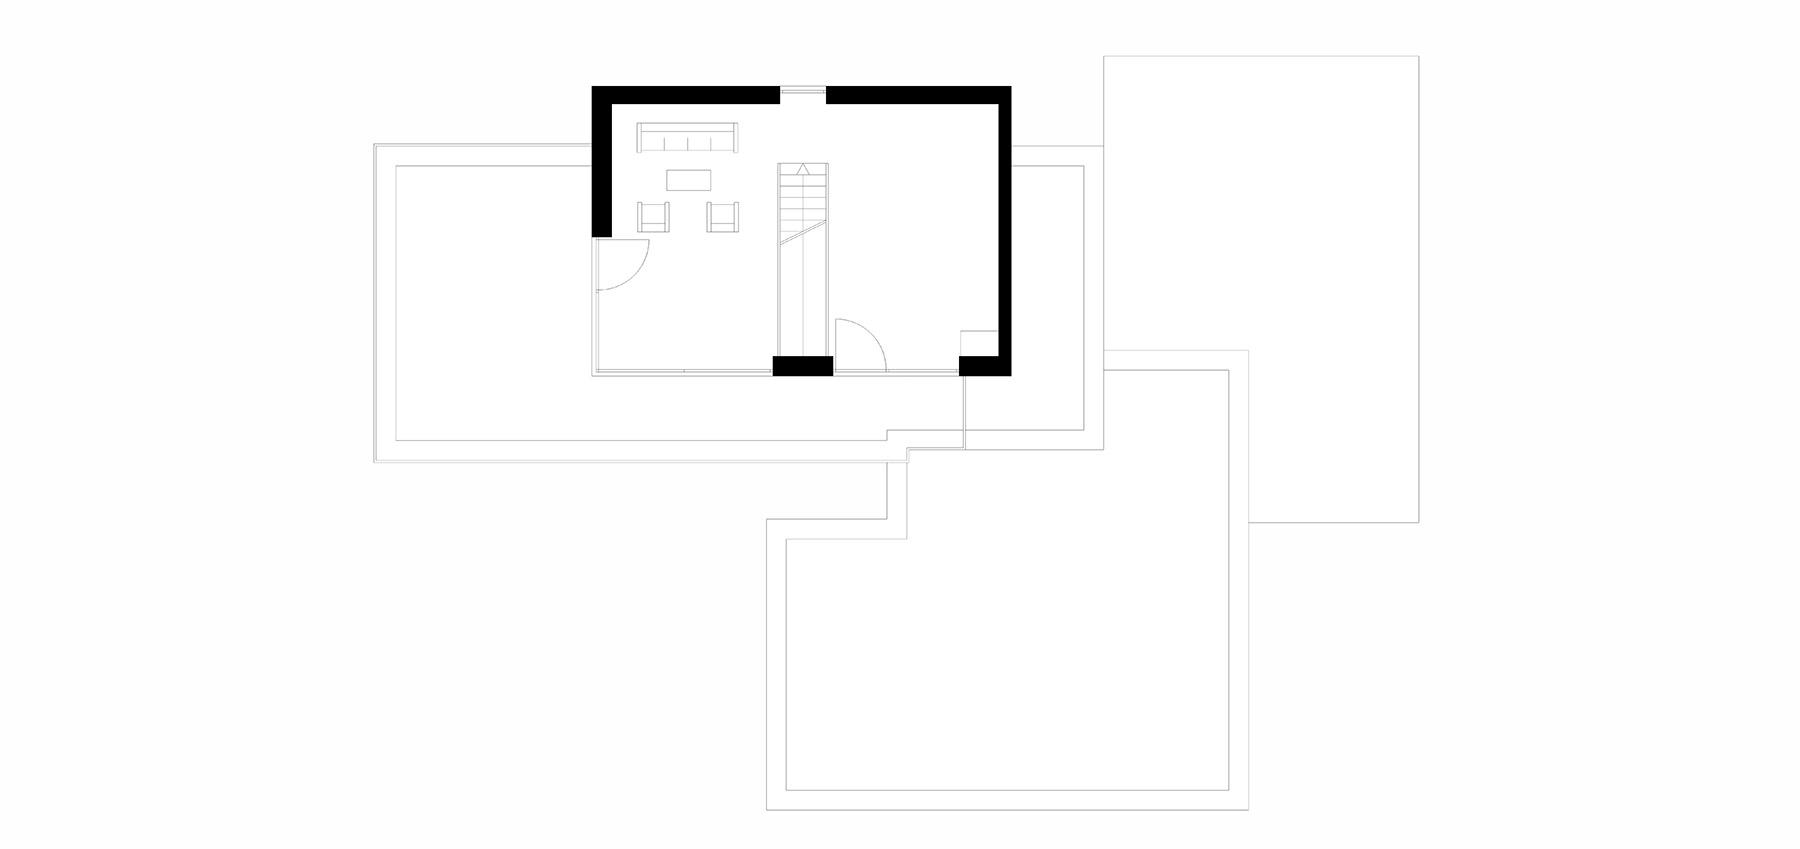 wunschhaus-haus-k5-plan-og